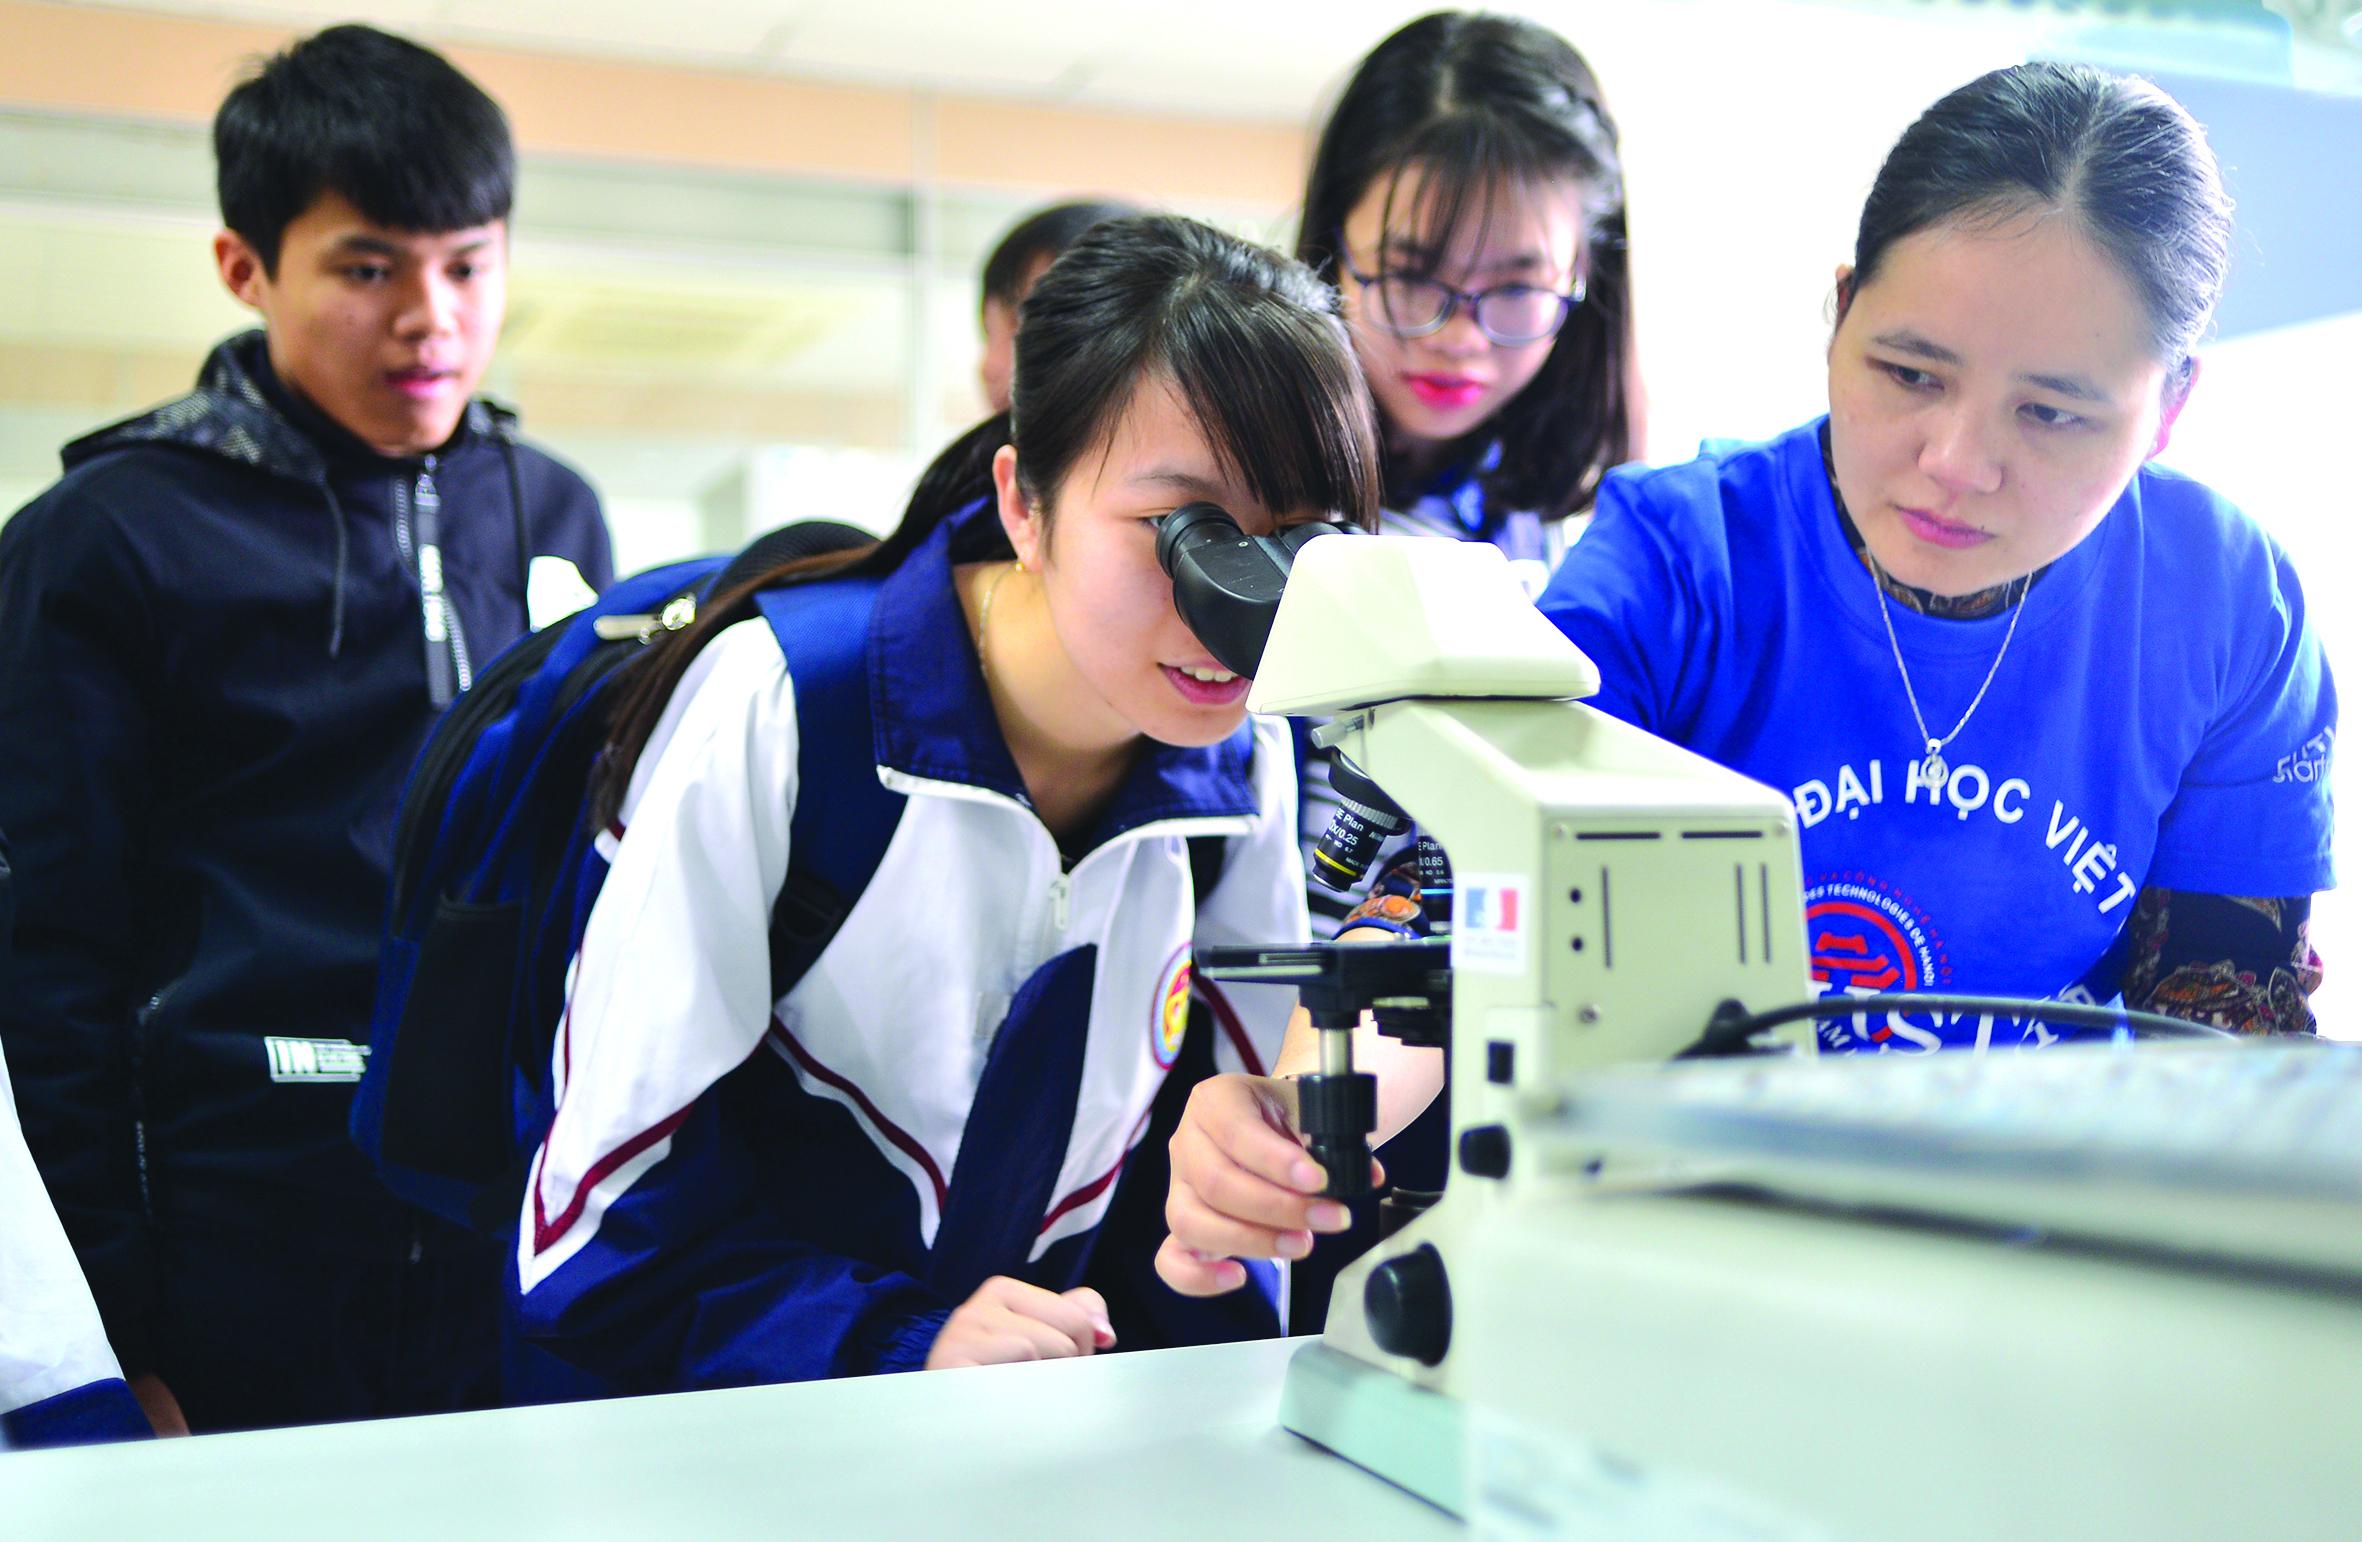 Hằng năm, Đại học KH&CN Hà Nội (USTH, Đại học Việt - Pháp) đều tổ chức Open Day, nơi học sinh và phụ huynh được gặp gỡ các giảng viên và đại diện một số doanh nghiệp lớn có hợp tác với trường để nghe tư vấn chi tiết về các ngành đào tạo, triển vọng nghề nghiệp, học bổng và cơ hội thực tập ở nước ngoài. Đây cũng là dịp để học sinh và phụ huynh tham quan cơ sở vật chất hiện đại và hệ thống phòng thí nghiệm đạt chuẩn quốc tế của trường. Trong ảnh: Trải nghiệm tại phòng thí nghiệm thuộc Khoa Công nghệ sinh học Nông-Y-Dược trong Open Day. Ảnh: Hồng Khánh